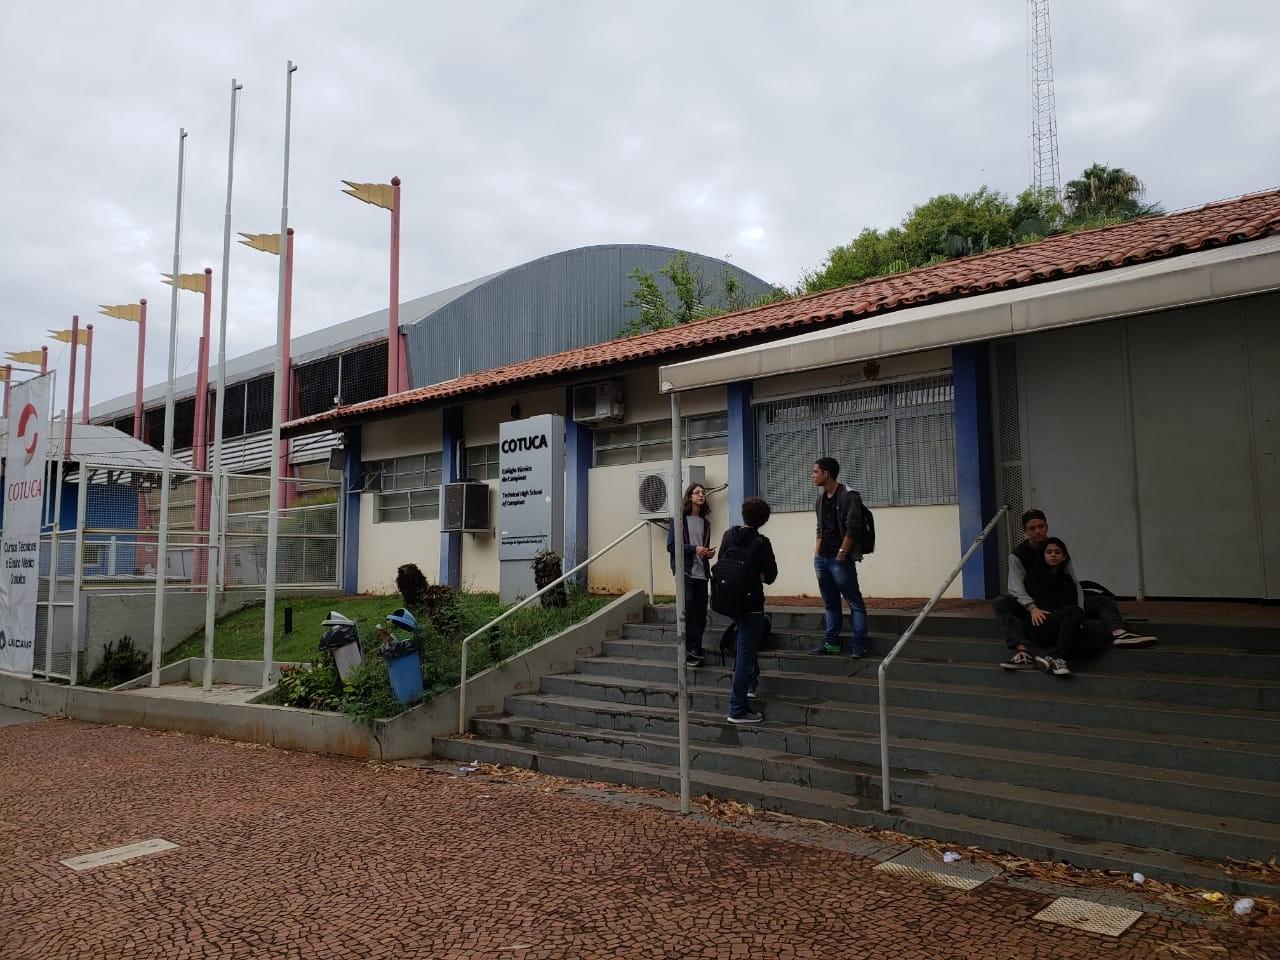 Colégio da Unicamp usa câmeras para buscar autor de bilhete racista e homofóbico contra professor